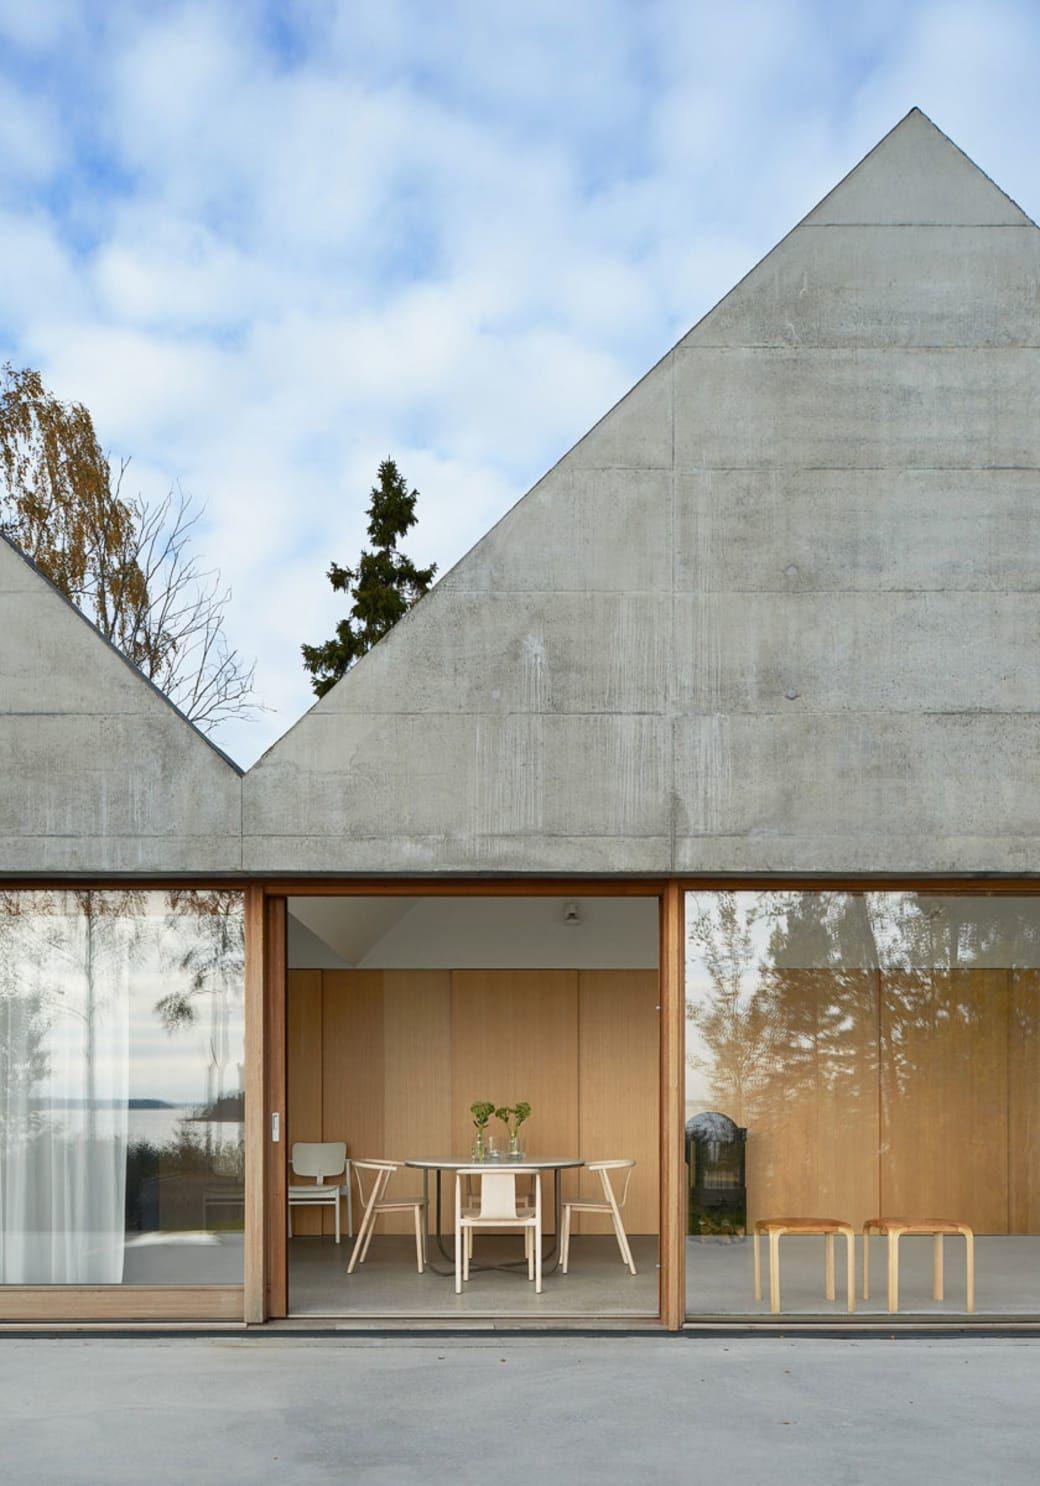 Tham & Videgård Arkitekter, Åke Eson Lindman